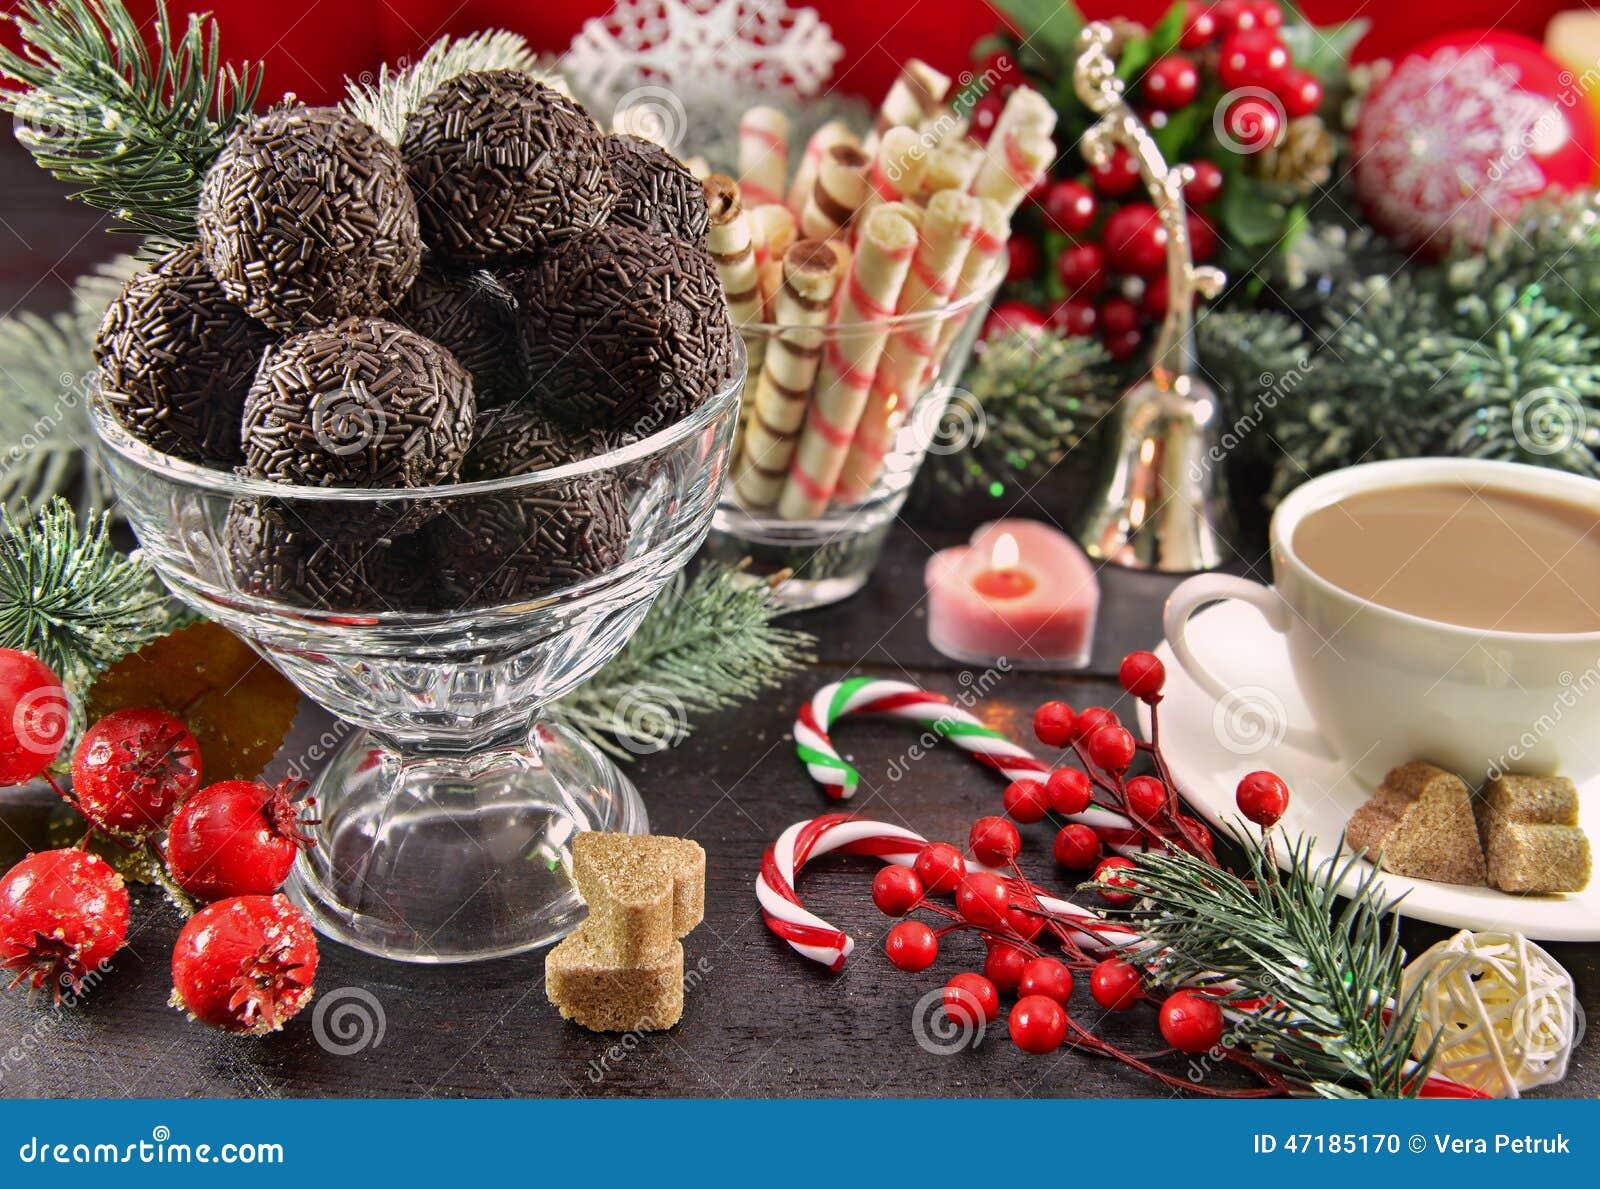 table de f te de no l avec le dessert doux photo stock image du babiole cacao 47185170. Black Bedroom Furniture Sets. Home Design Ideas